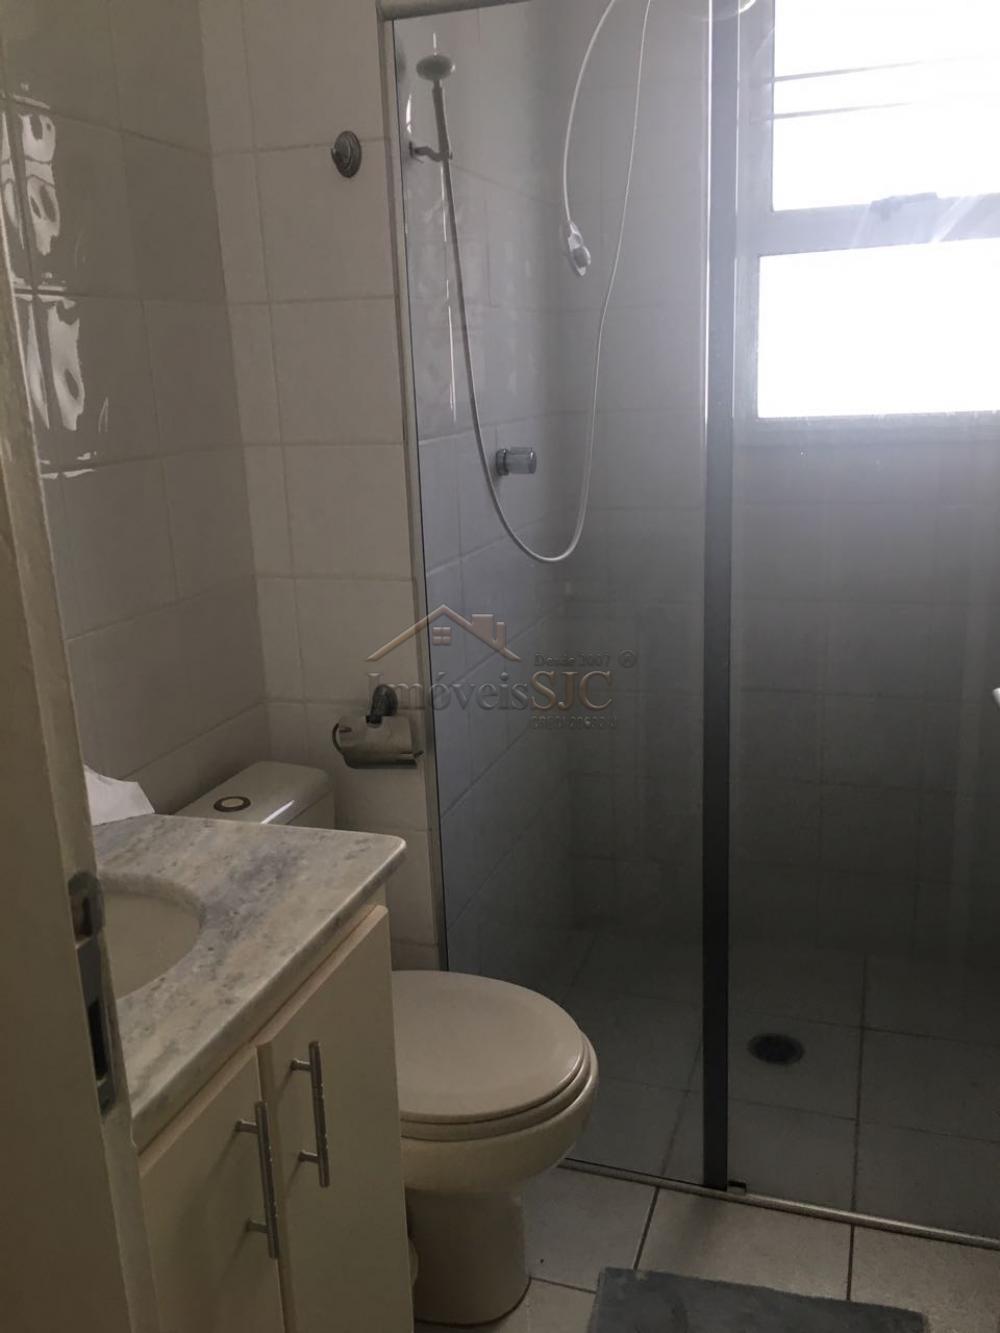 Alugar Apartamentos / Padrão em São José dos Campos apenas R$ 1.600,00 - Foto 9